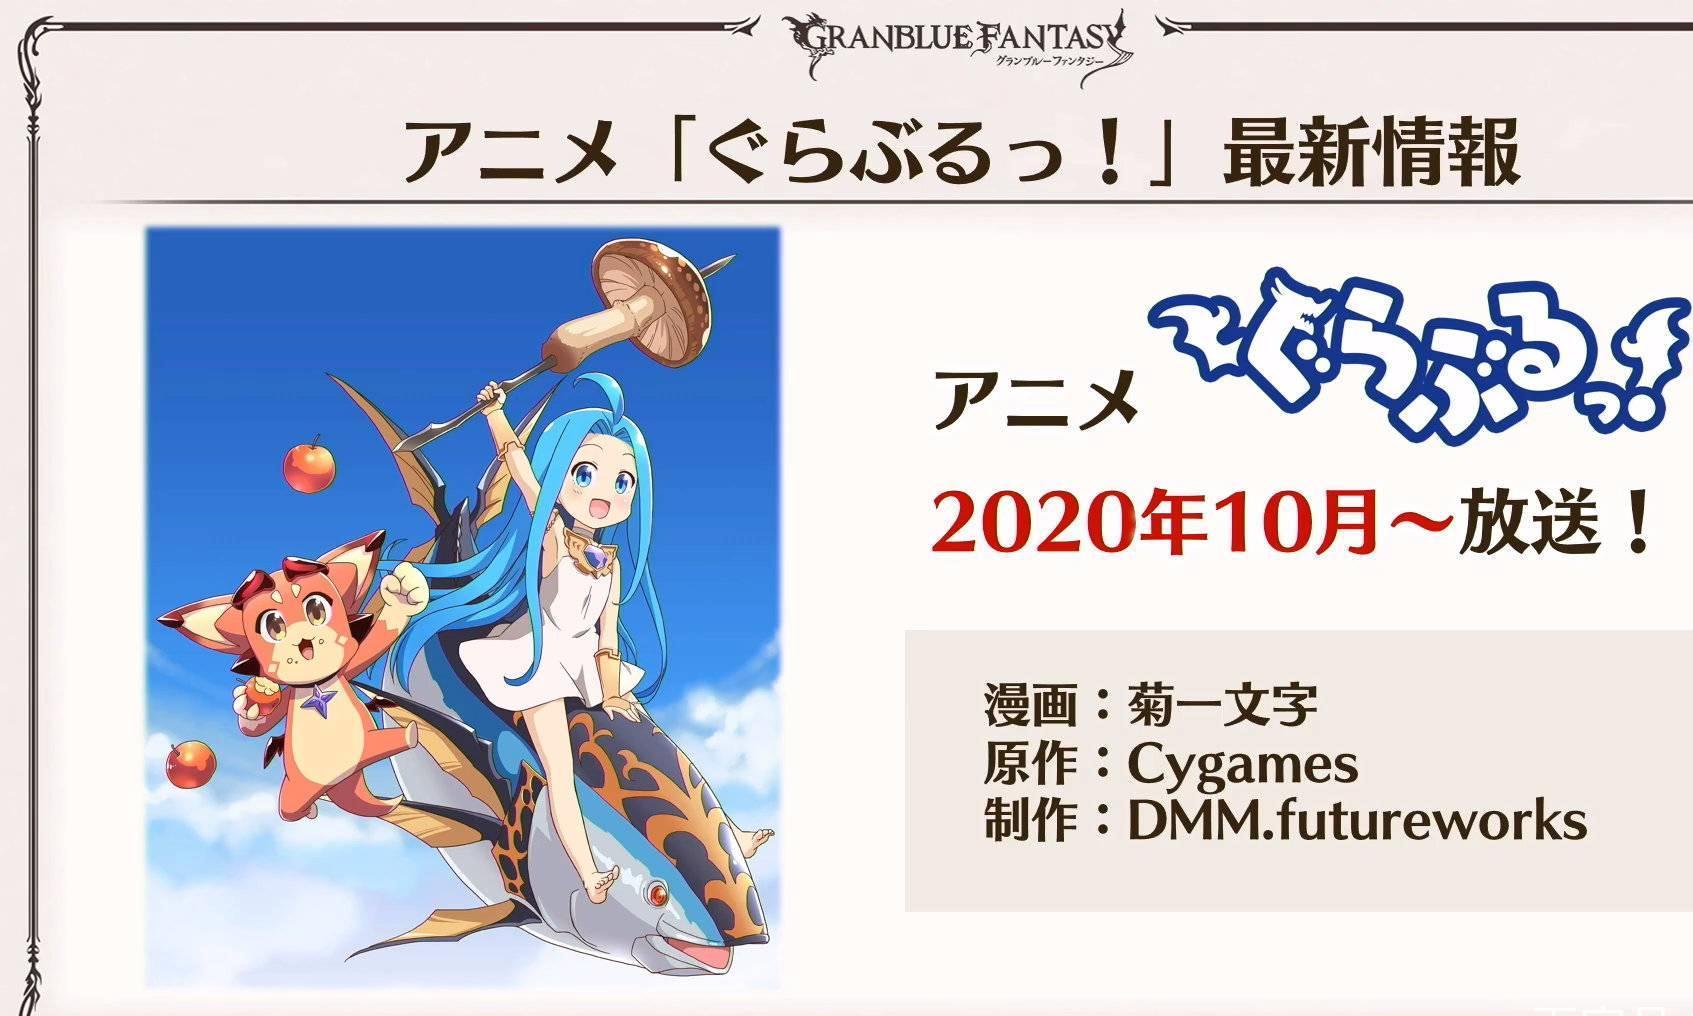 TV动画《小碧蓝幻想!》将于10月播出。